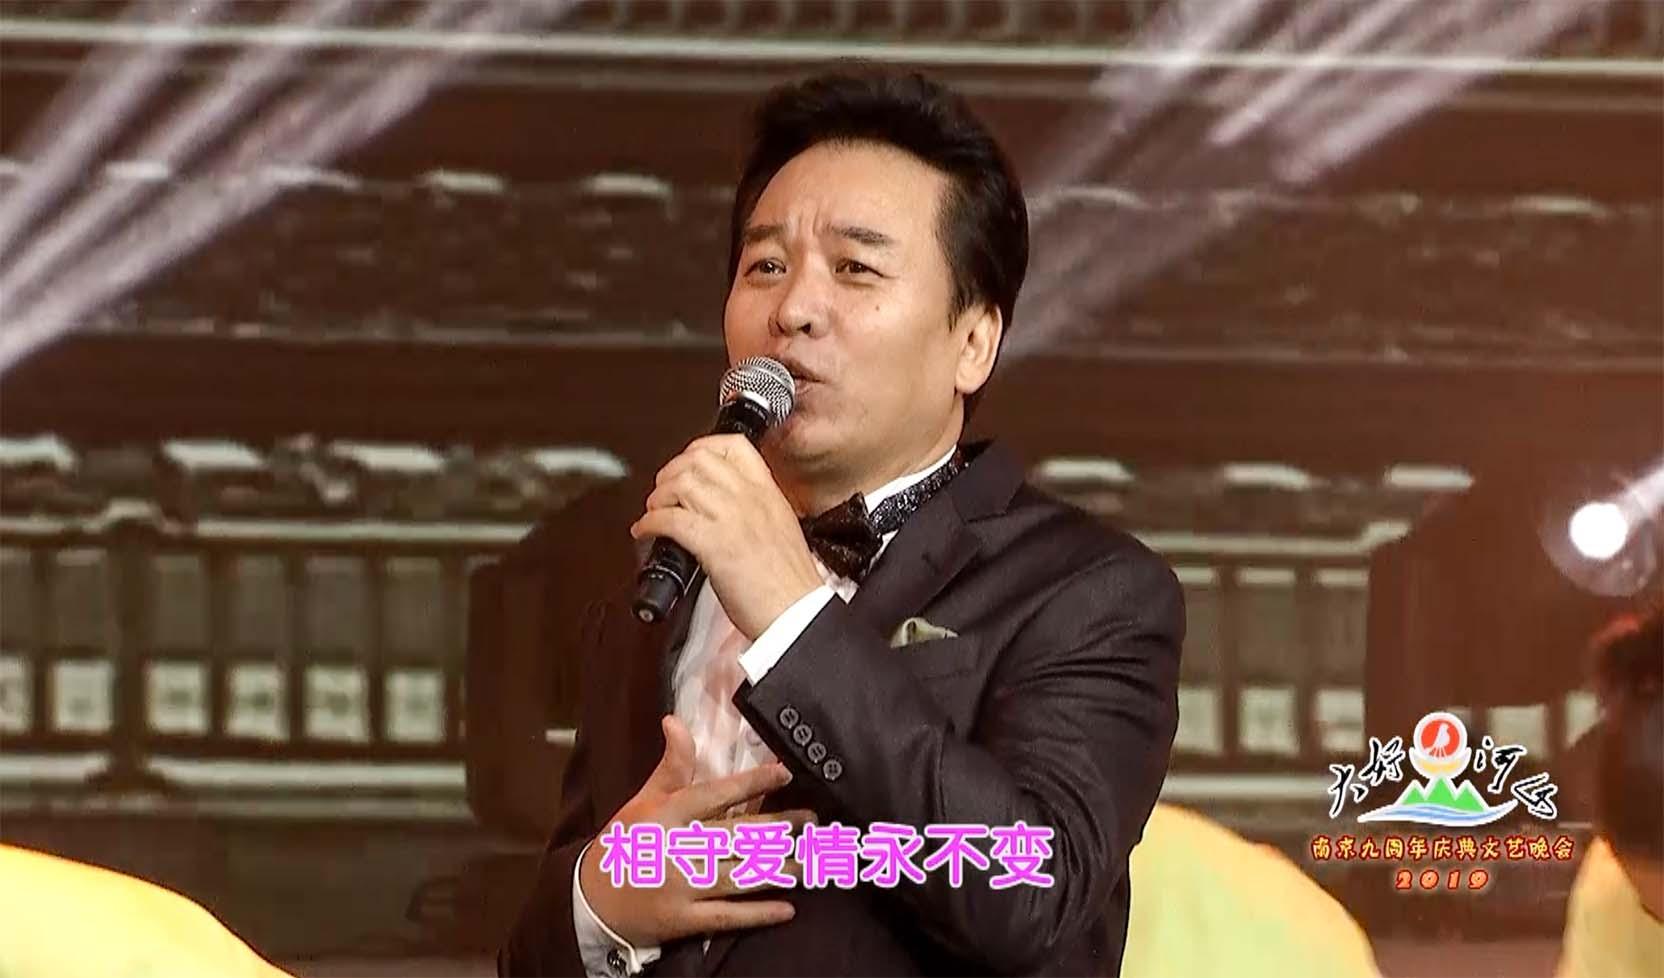 大好河山2019南京九周年庆典文艺晚会 歌曲《相伴幸福一百年》佟铁鑫